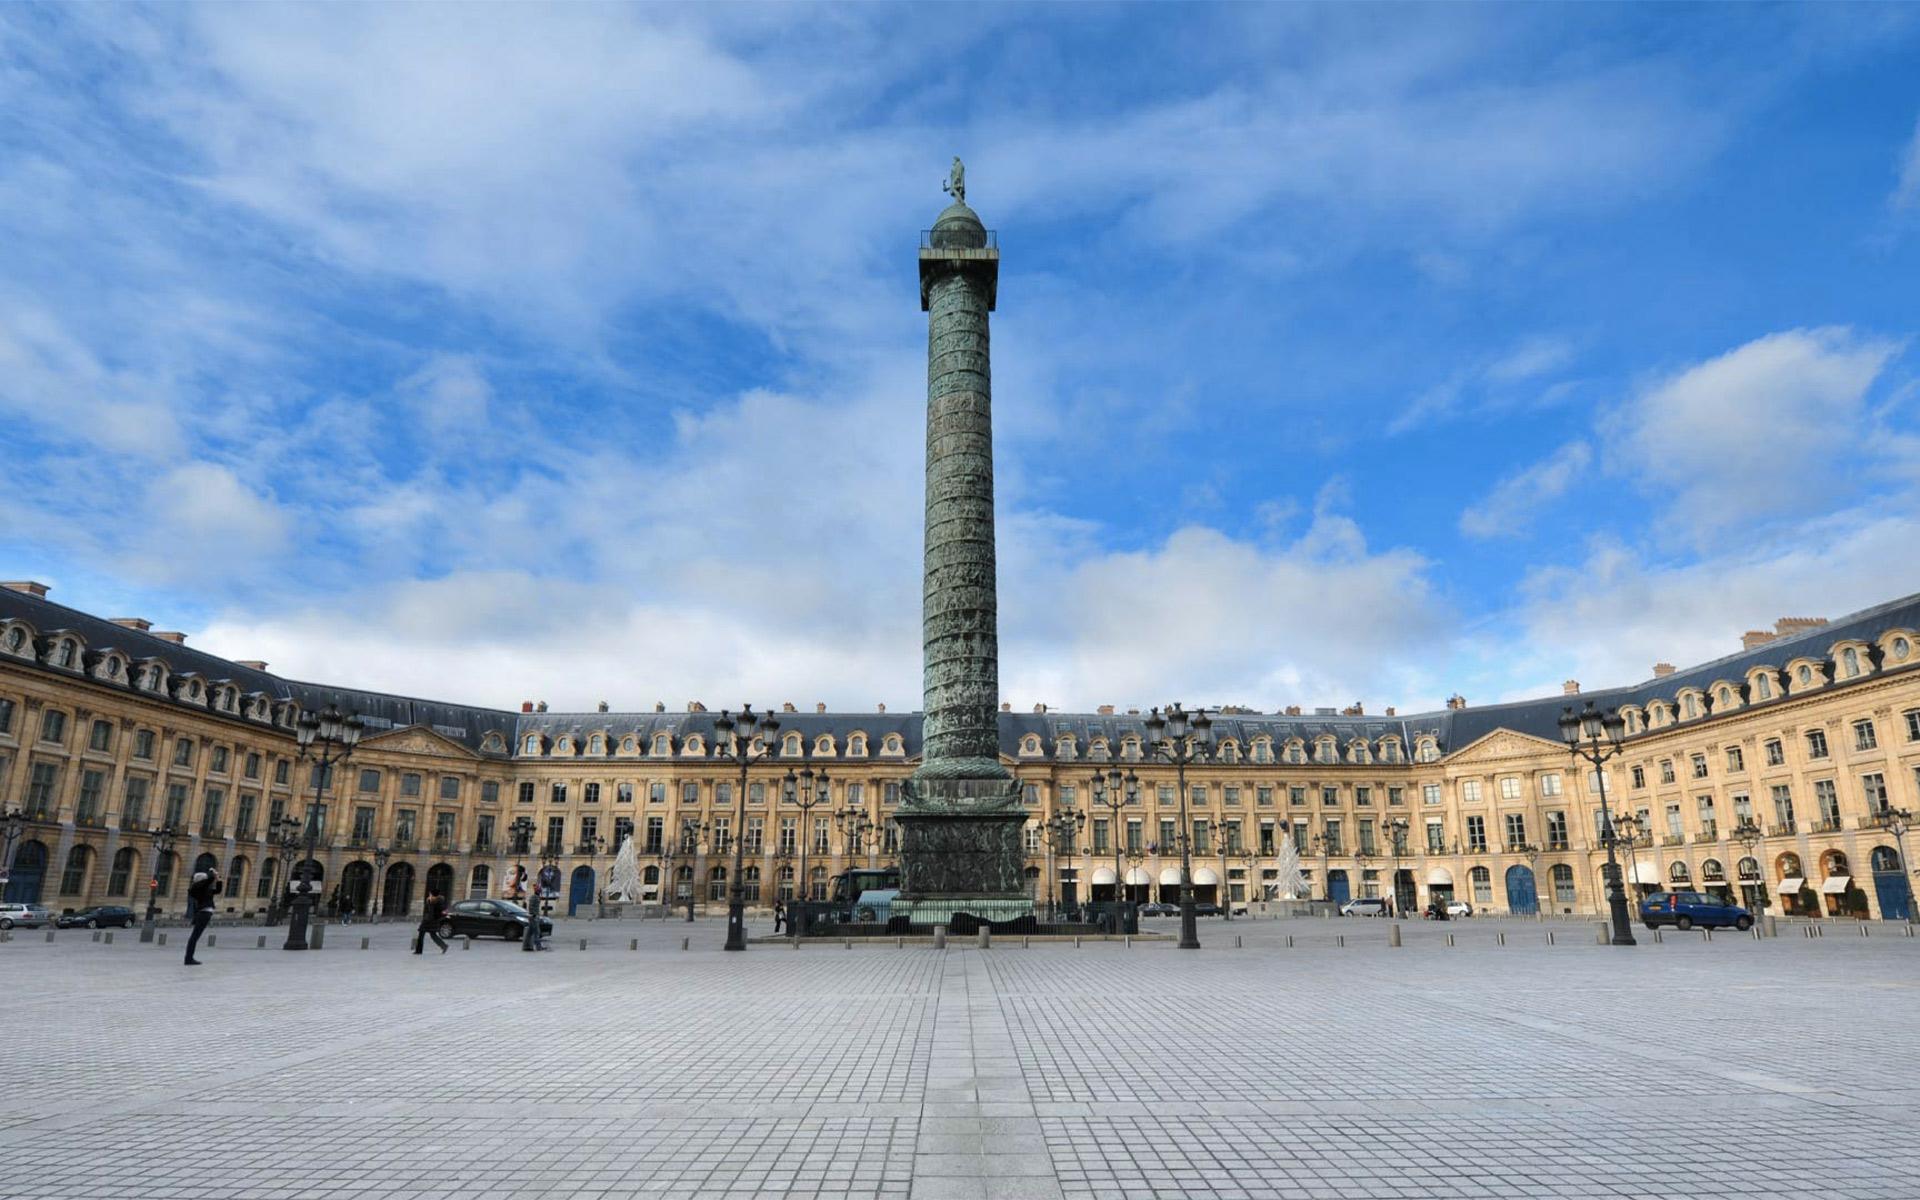 Sejour Linguistique Paris